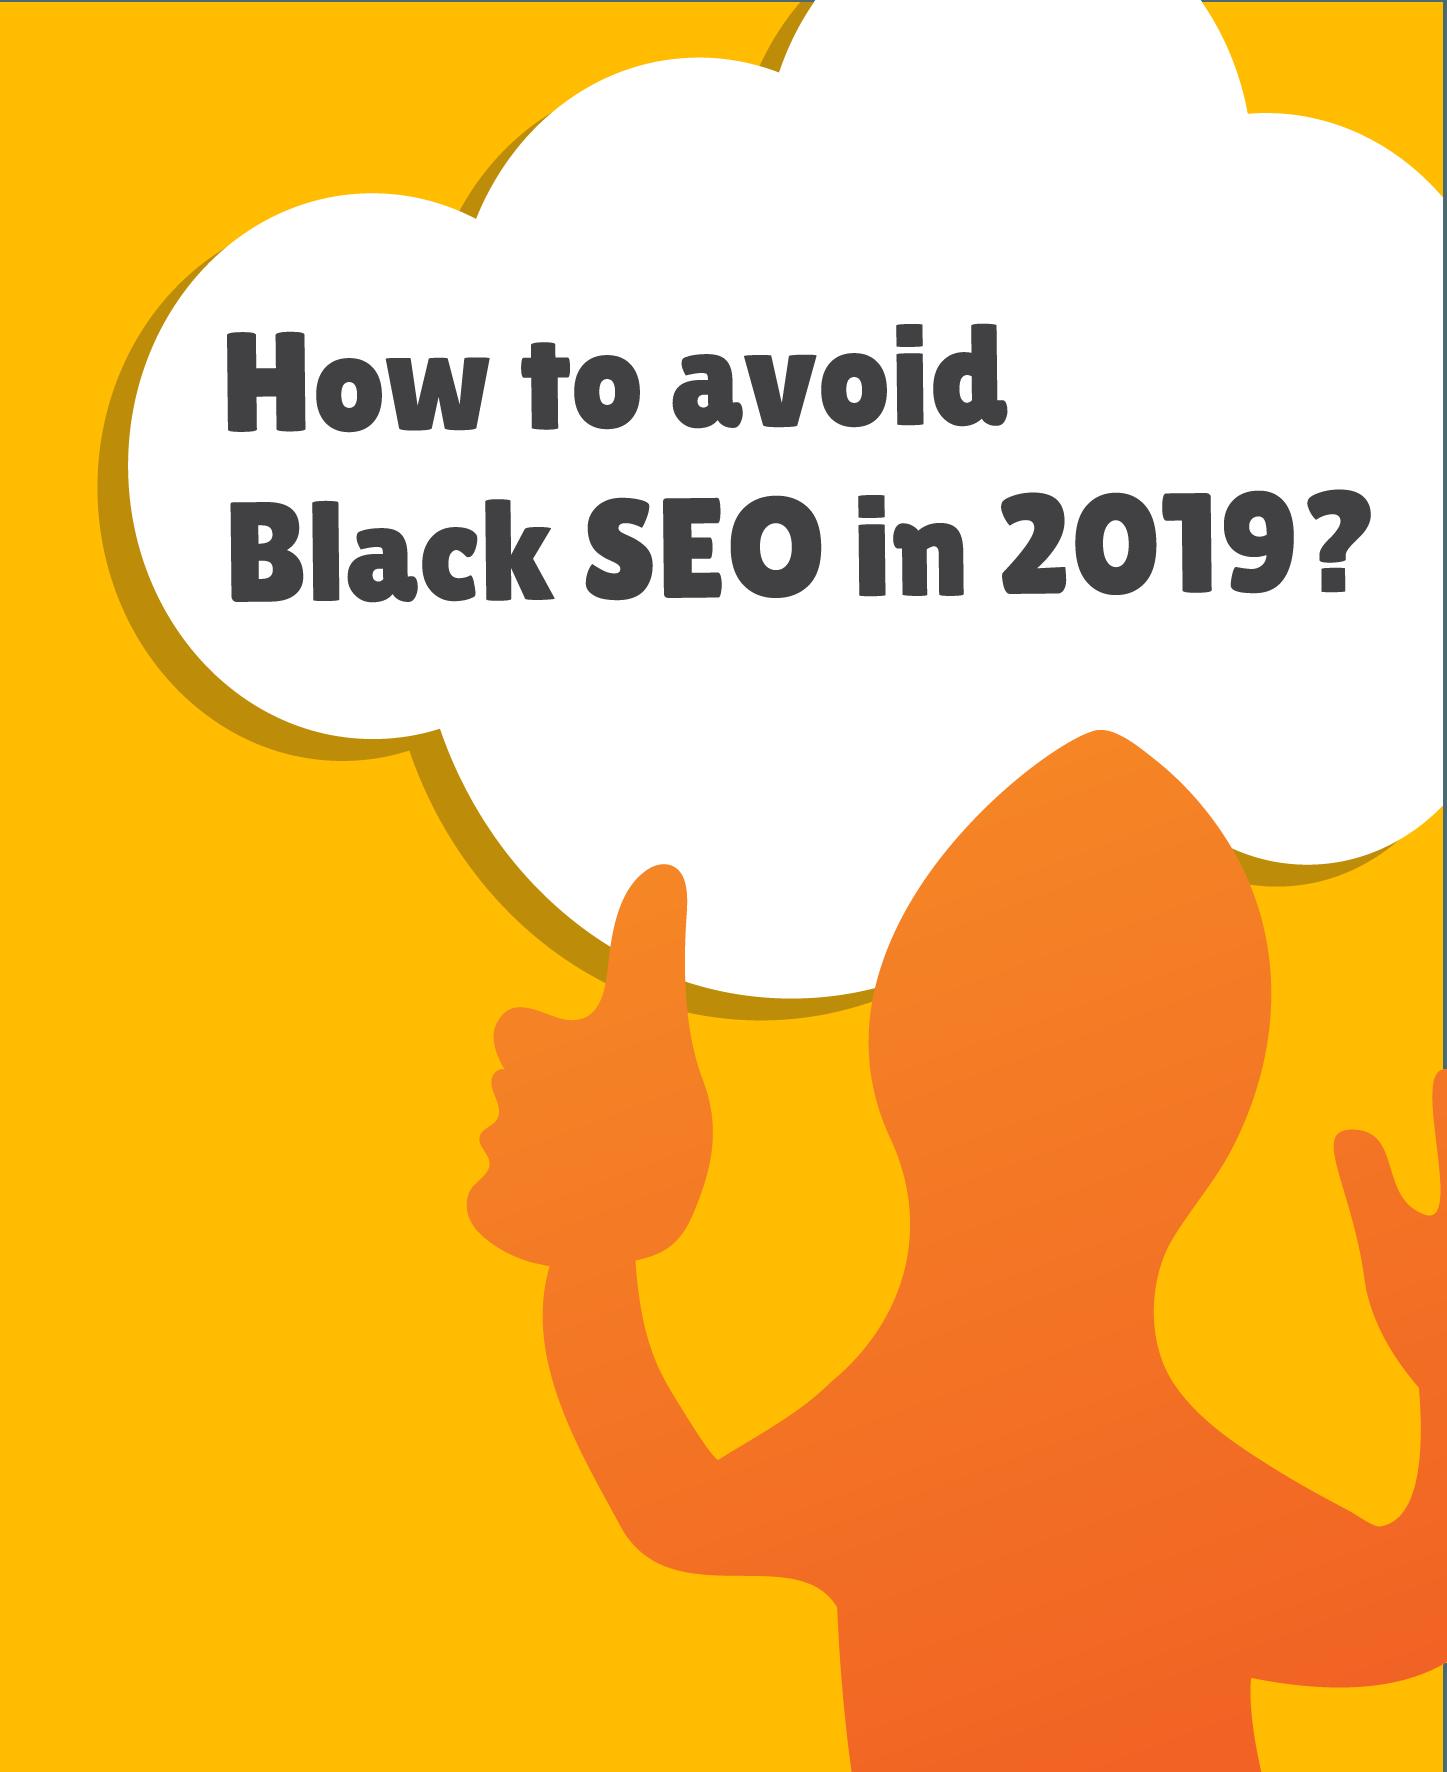 Black Hat SEO in 2019   Weblizard Digital Marketing Agency